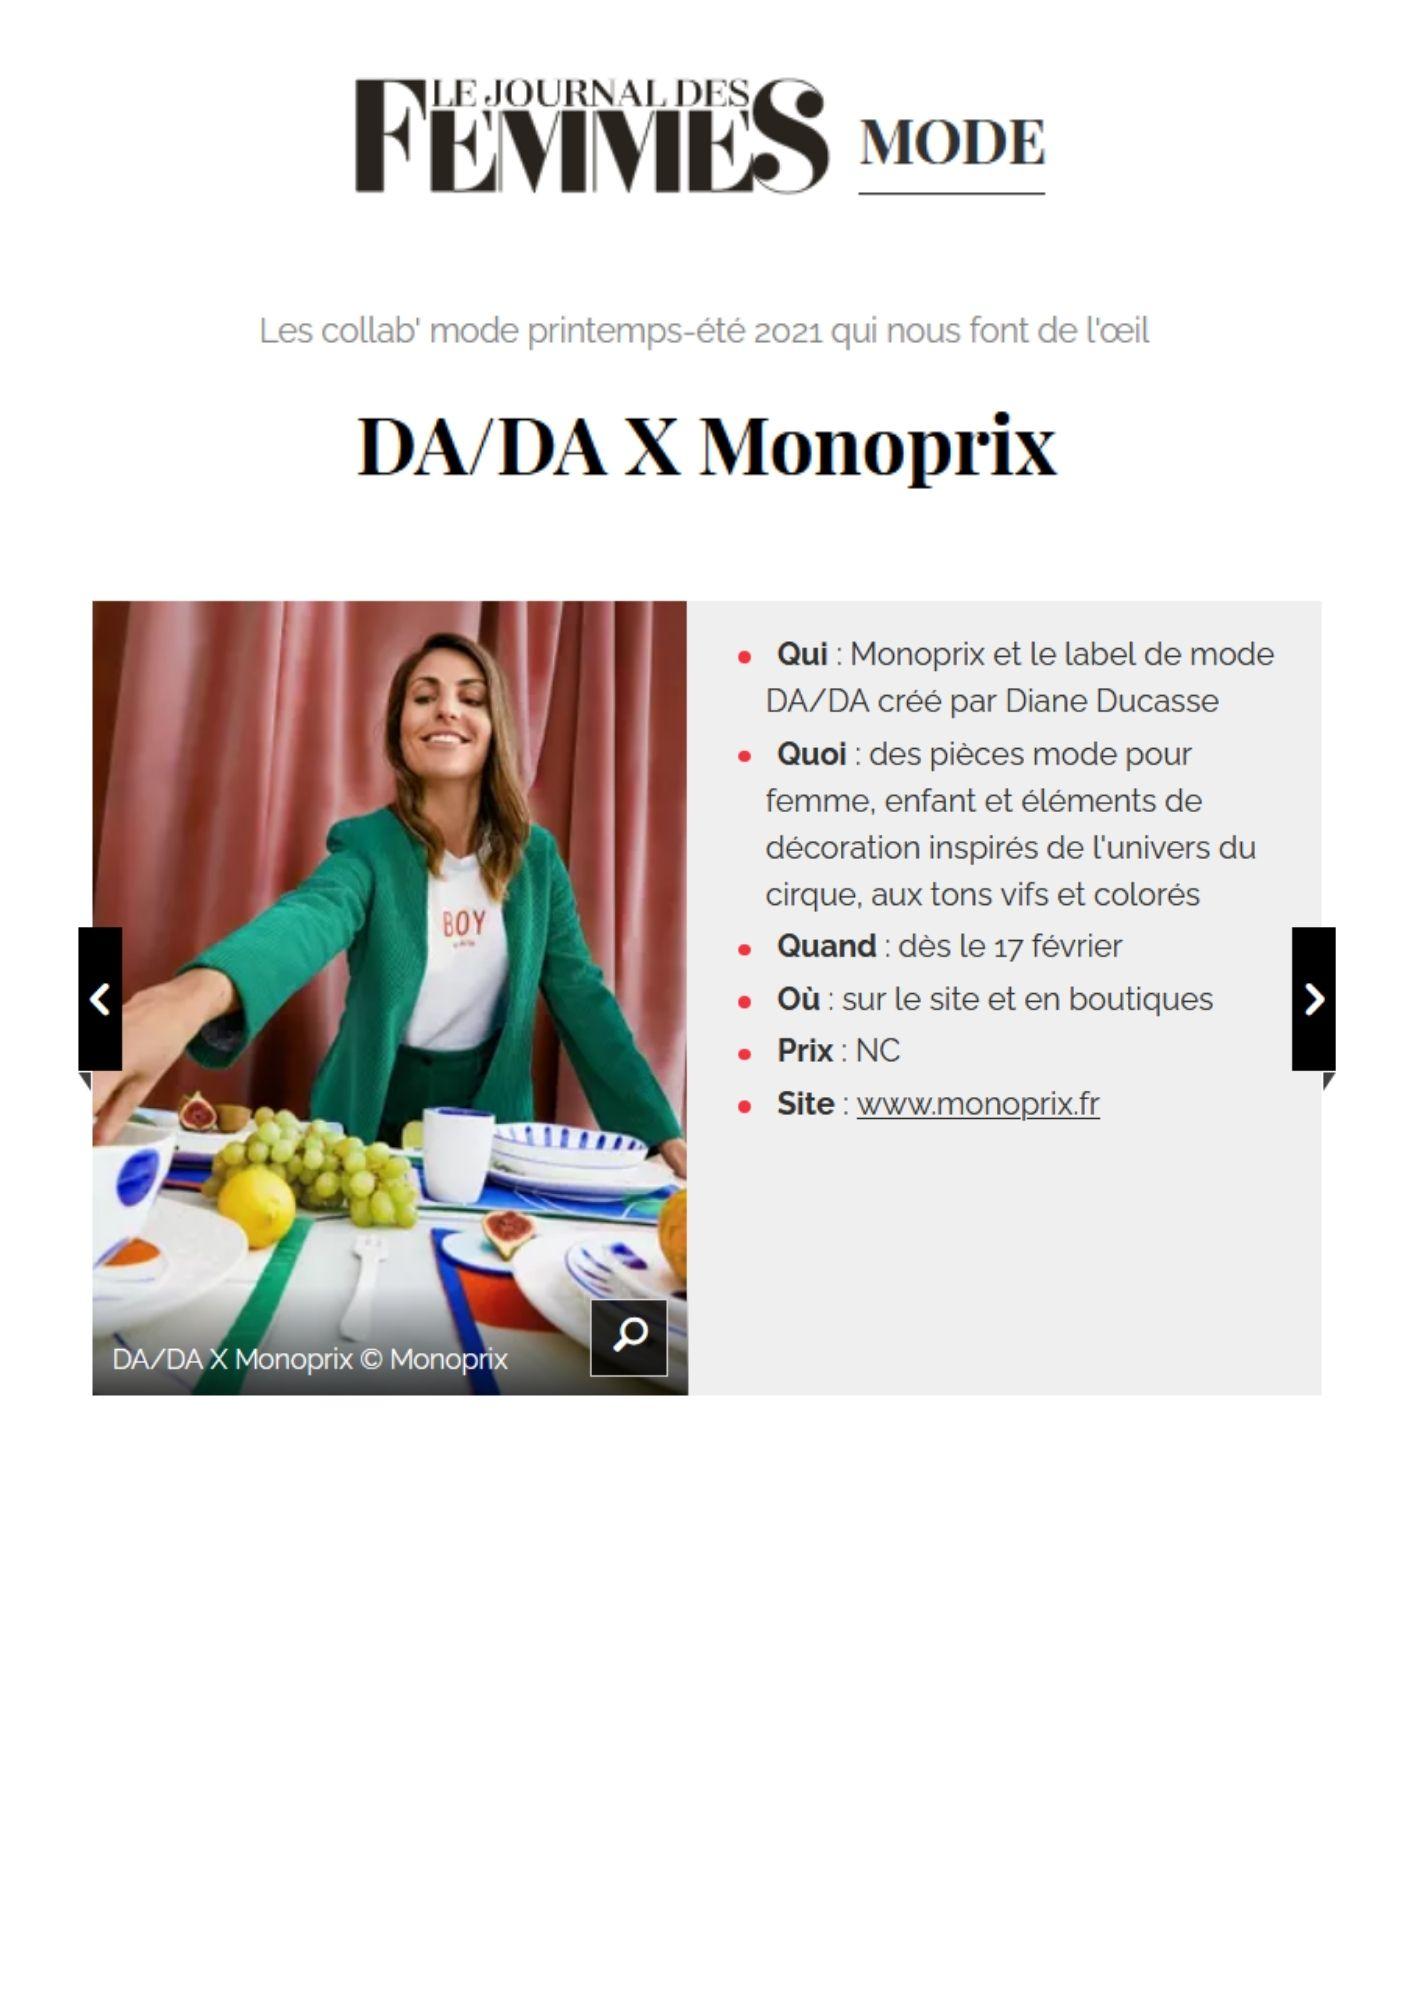 dada-diane-ducasse-le-journal-des-femmes-mode-presse-fevrier-2021